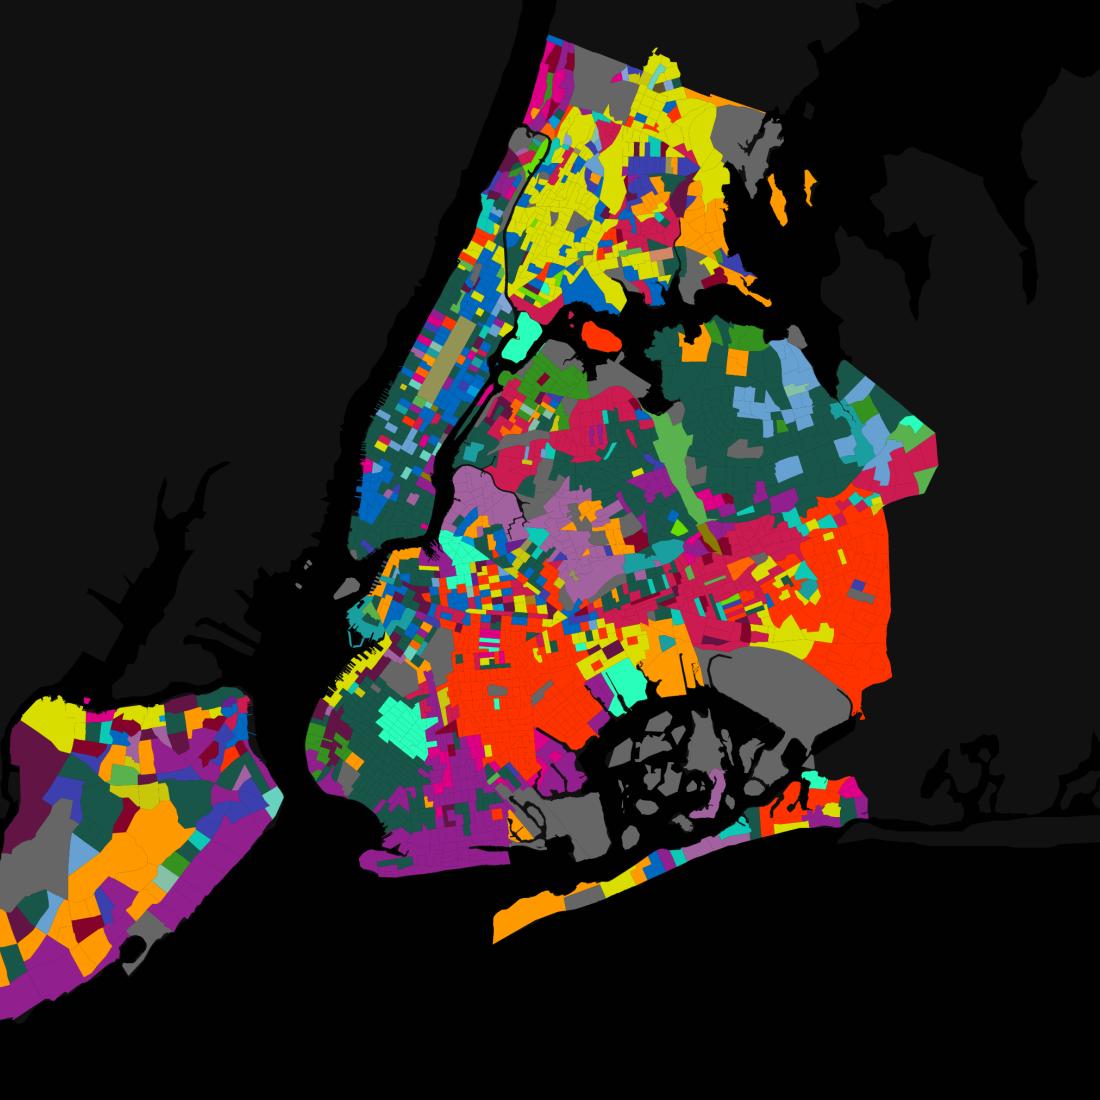 市区町村を含むニューヨーク市の地図。 色付きのセクションは、各場所で話されている異なる言語をマークします。